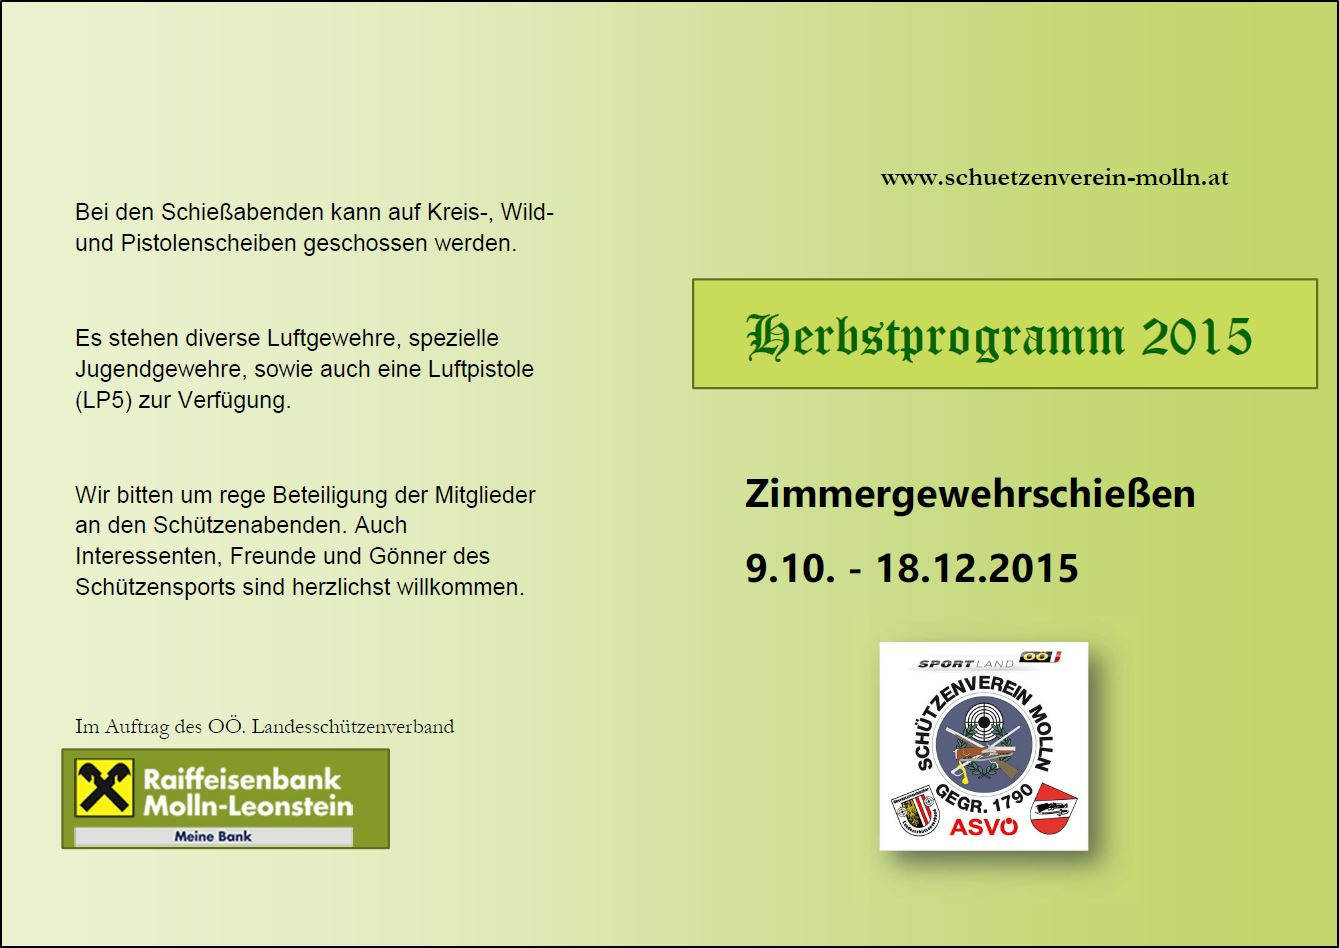 Herbstprogramm_2015_Seite1